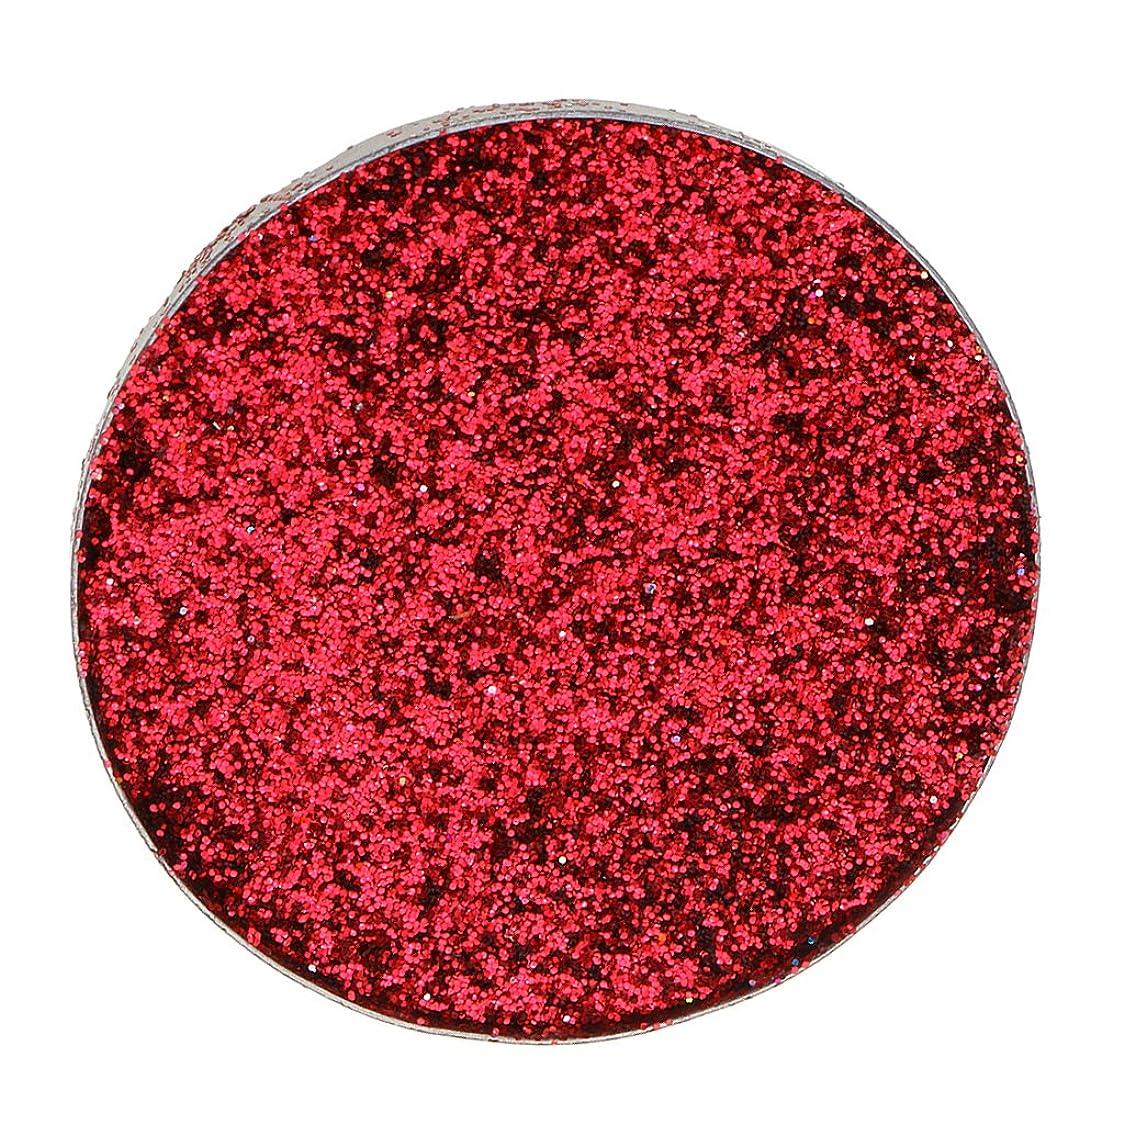 運搬酸っぱいめ言葉Kesoto ダイヤモンド キラキラ シマー メイクアップ アイシャドウ 顔料 長持ち 滑らか 全5色 - 赤